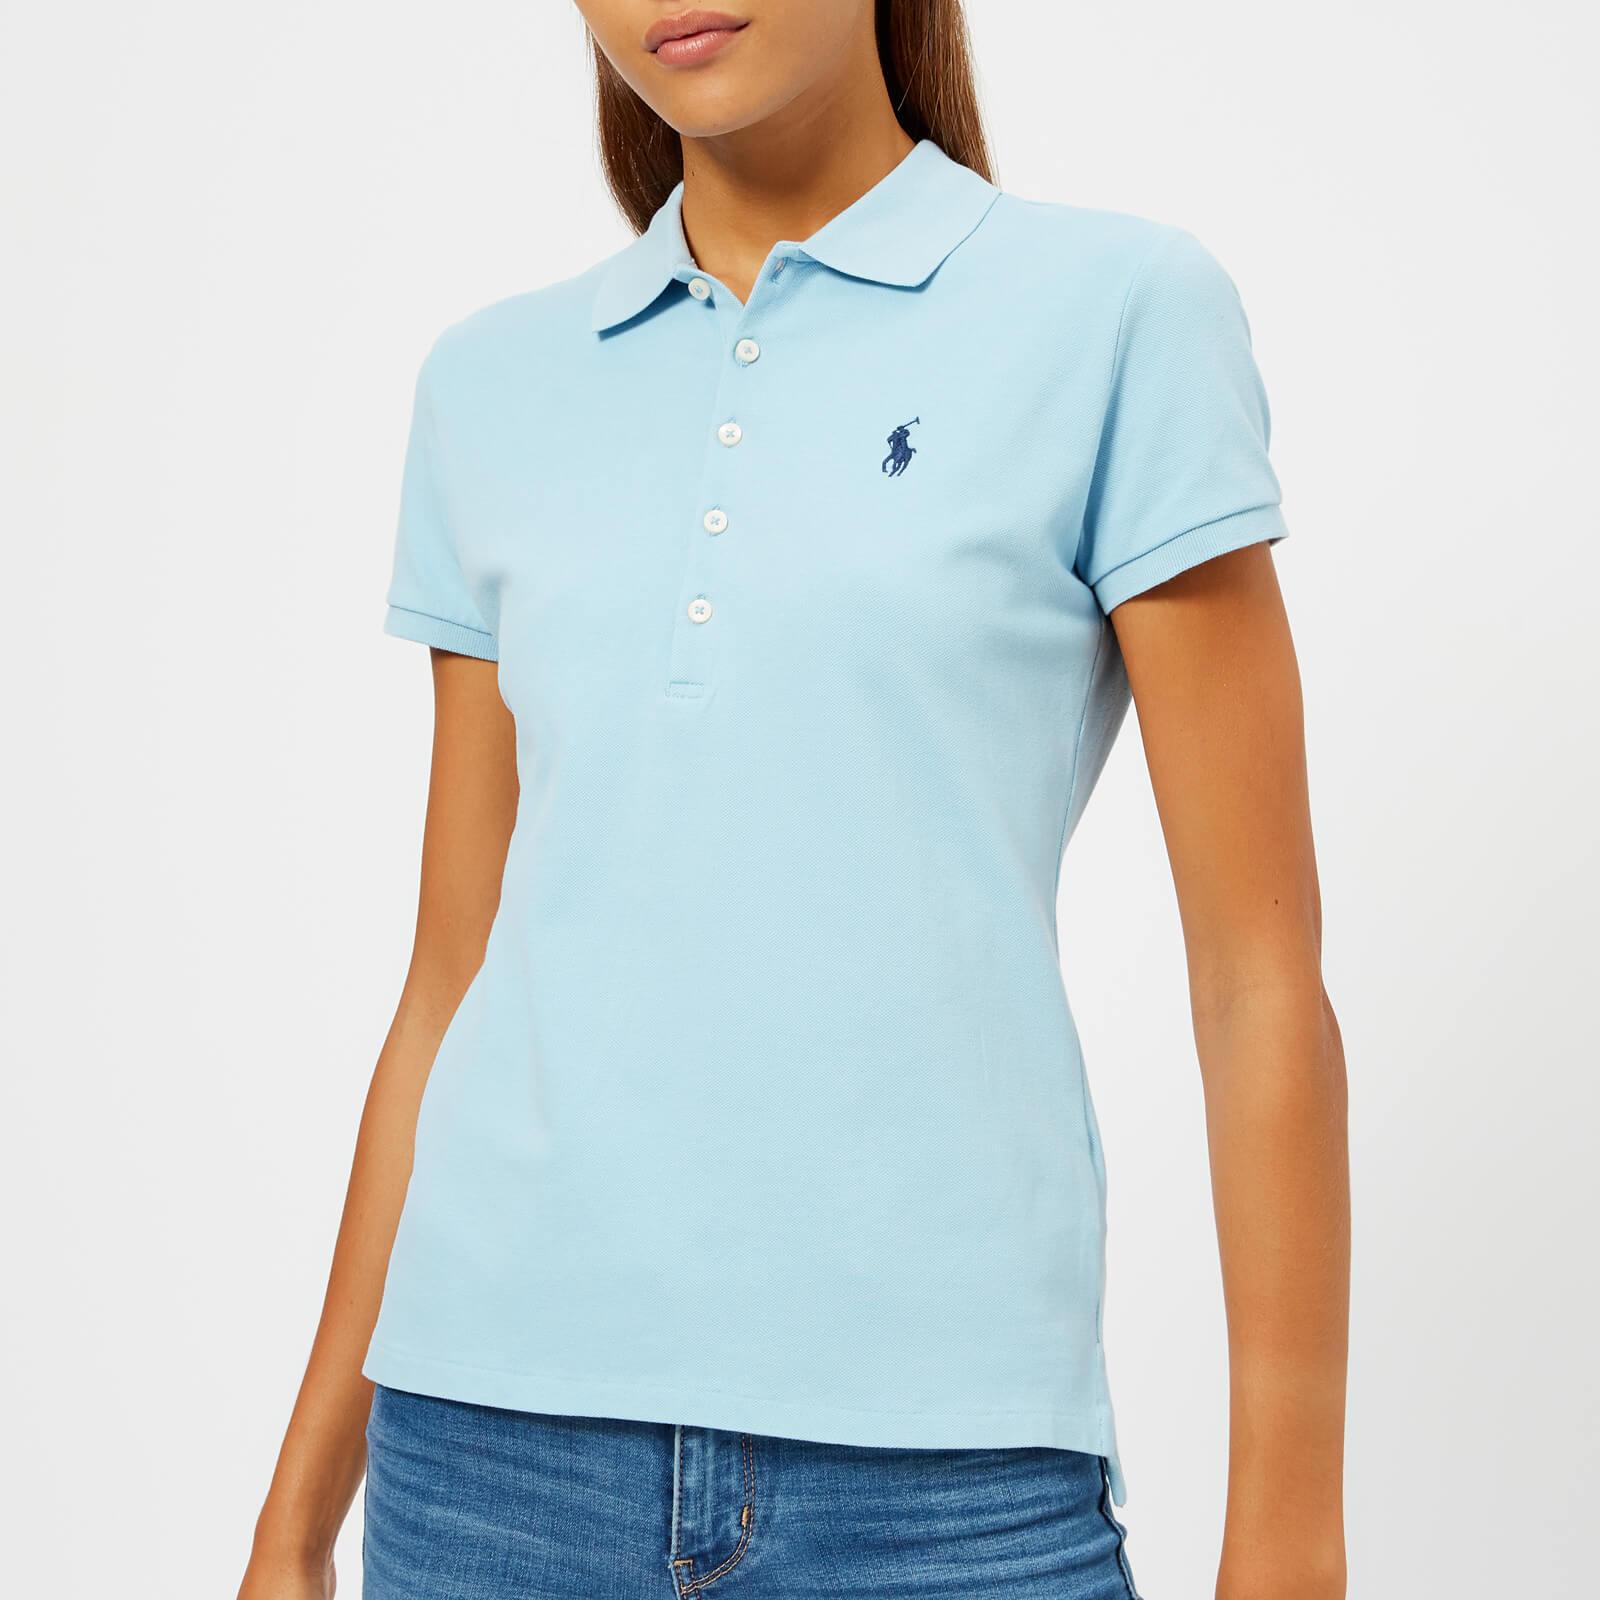 90c7ad8932 Polo Ralph Lauren Women's Julie Polo Shirt - Light Blue